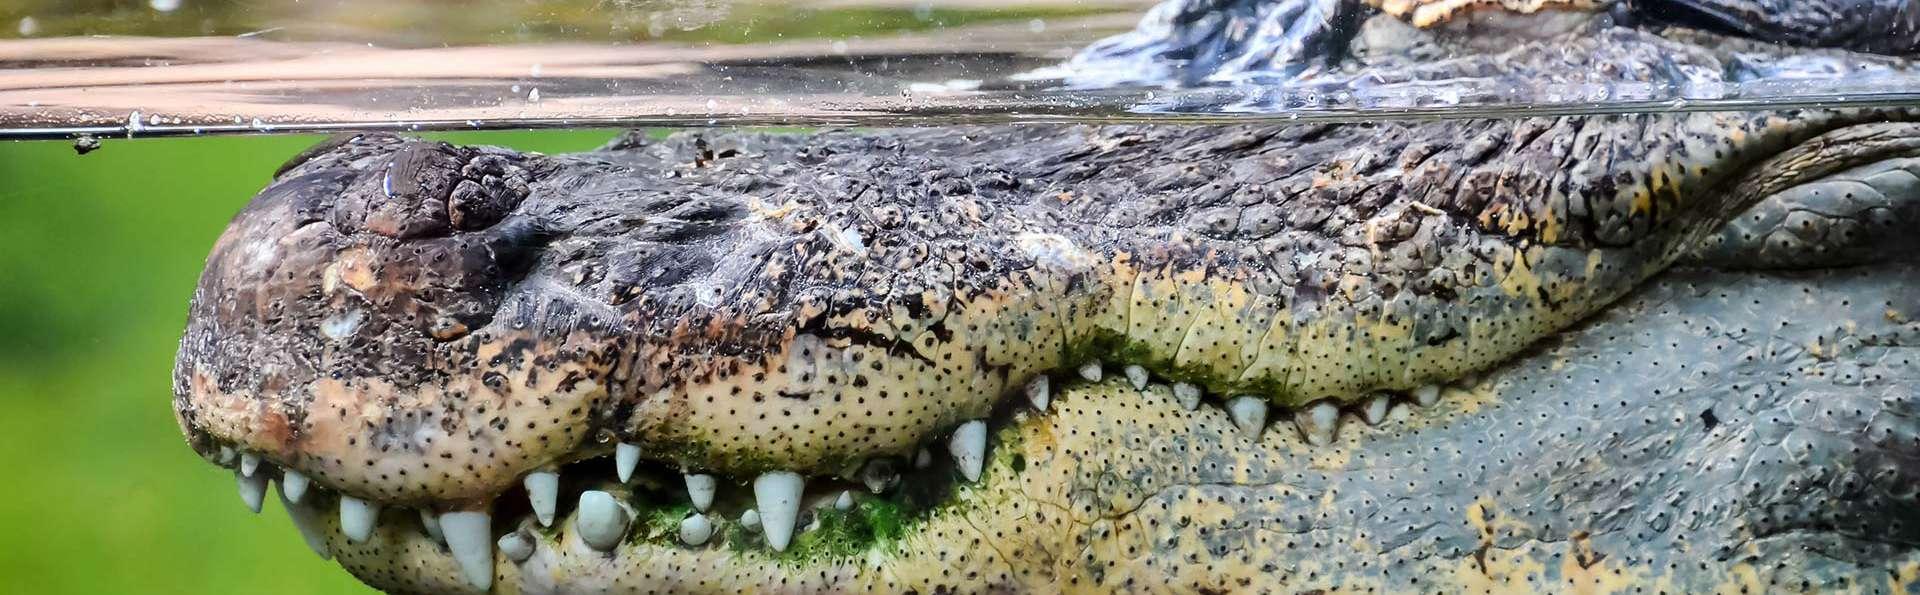 Week-end en famille avec entrées sur la Planète des Crocodiles (à partir de 2 nuits)